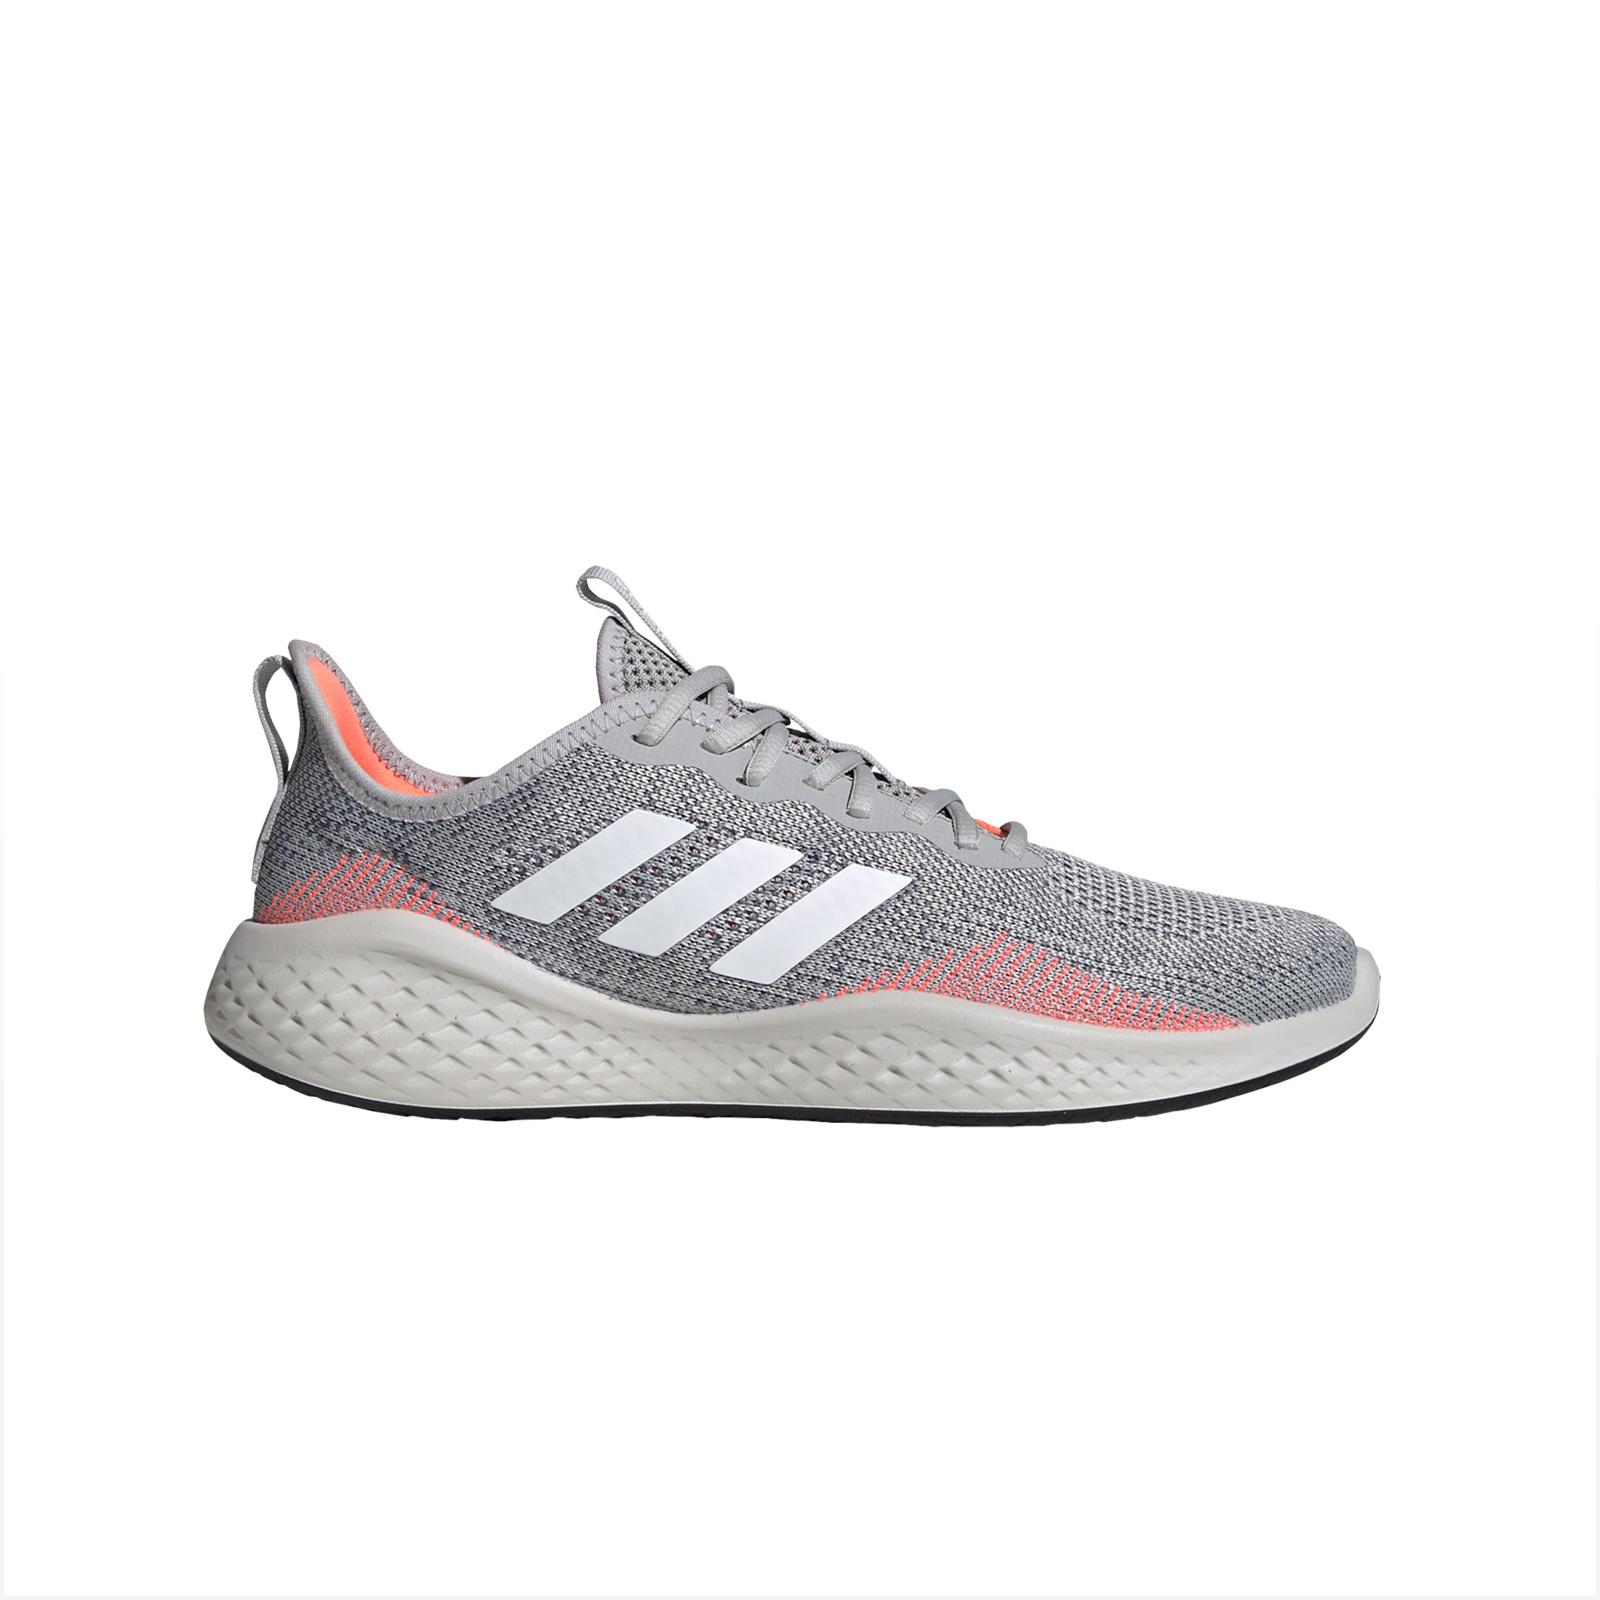 Παπούτσια νούμερο 42 2 EXEM SHOES